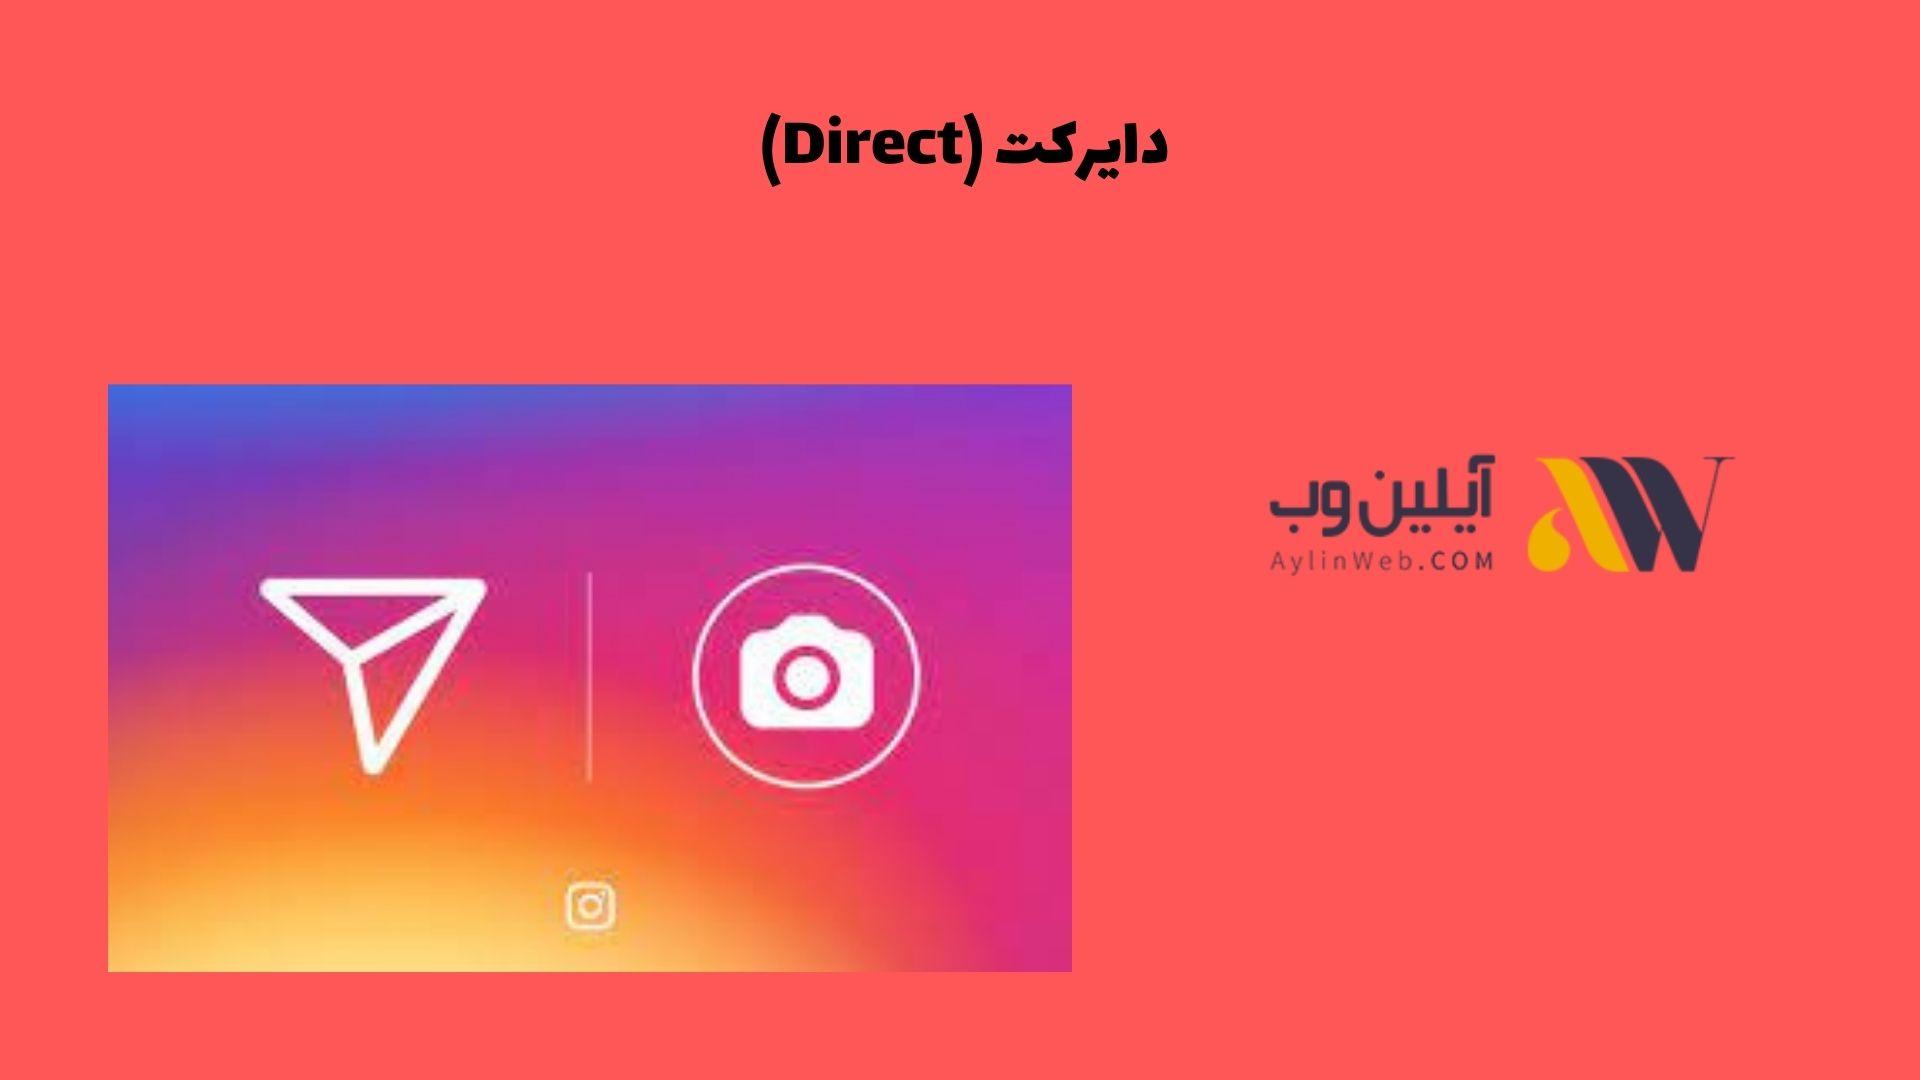 دایرکت (Direct)